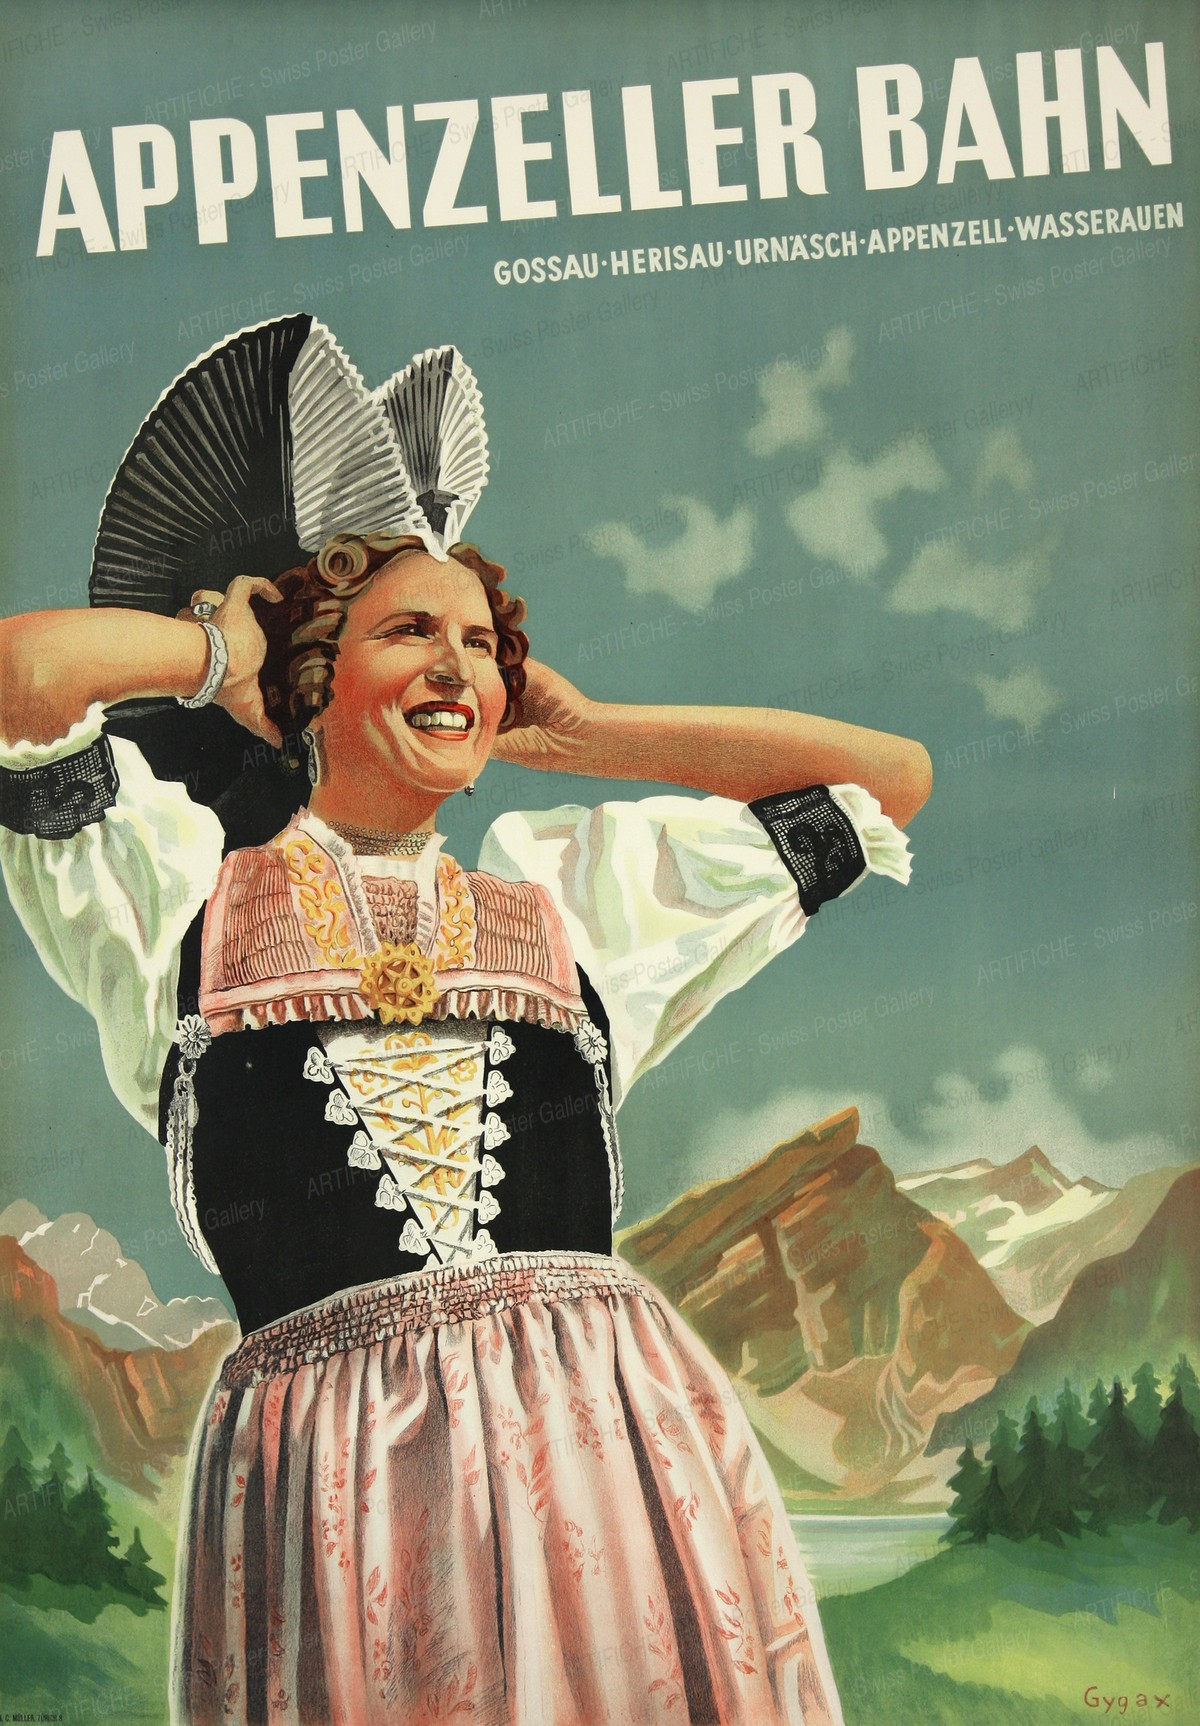 Appenzeller Bahn – Herisau Urnäsch Appenzell, Franz Gygax